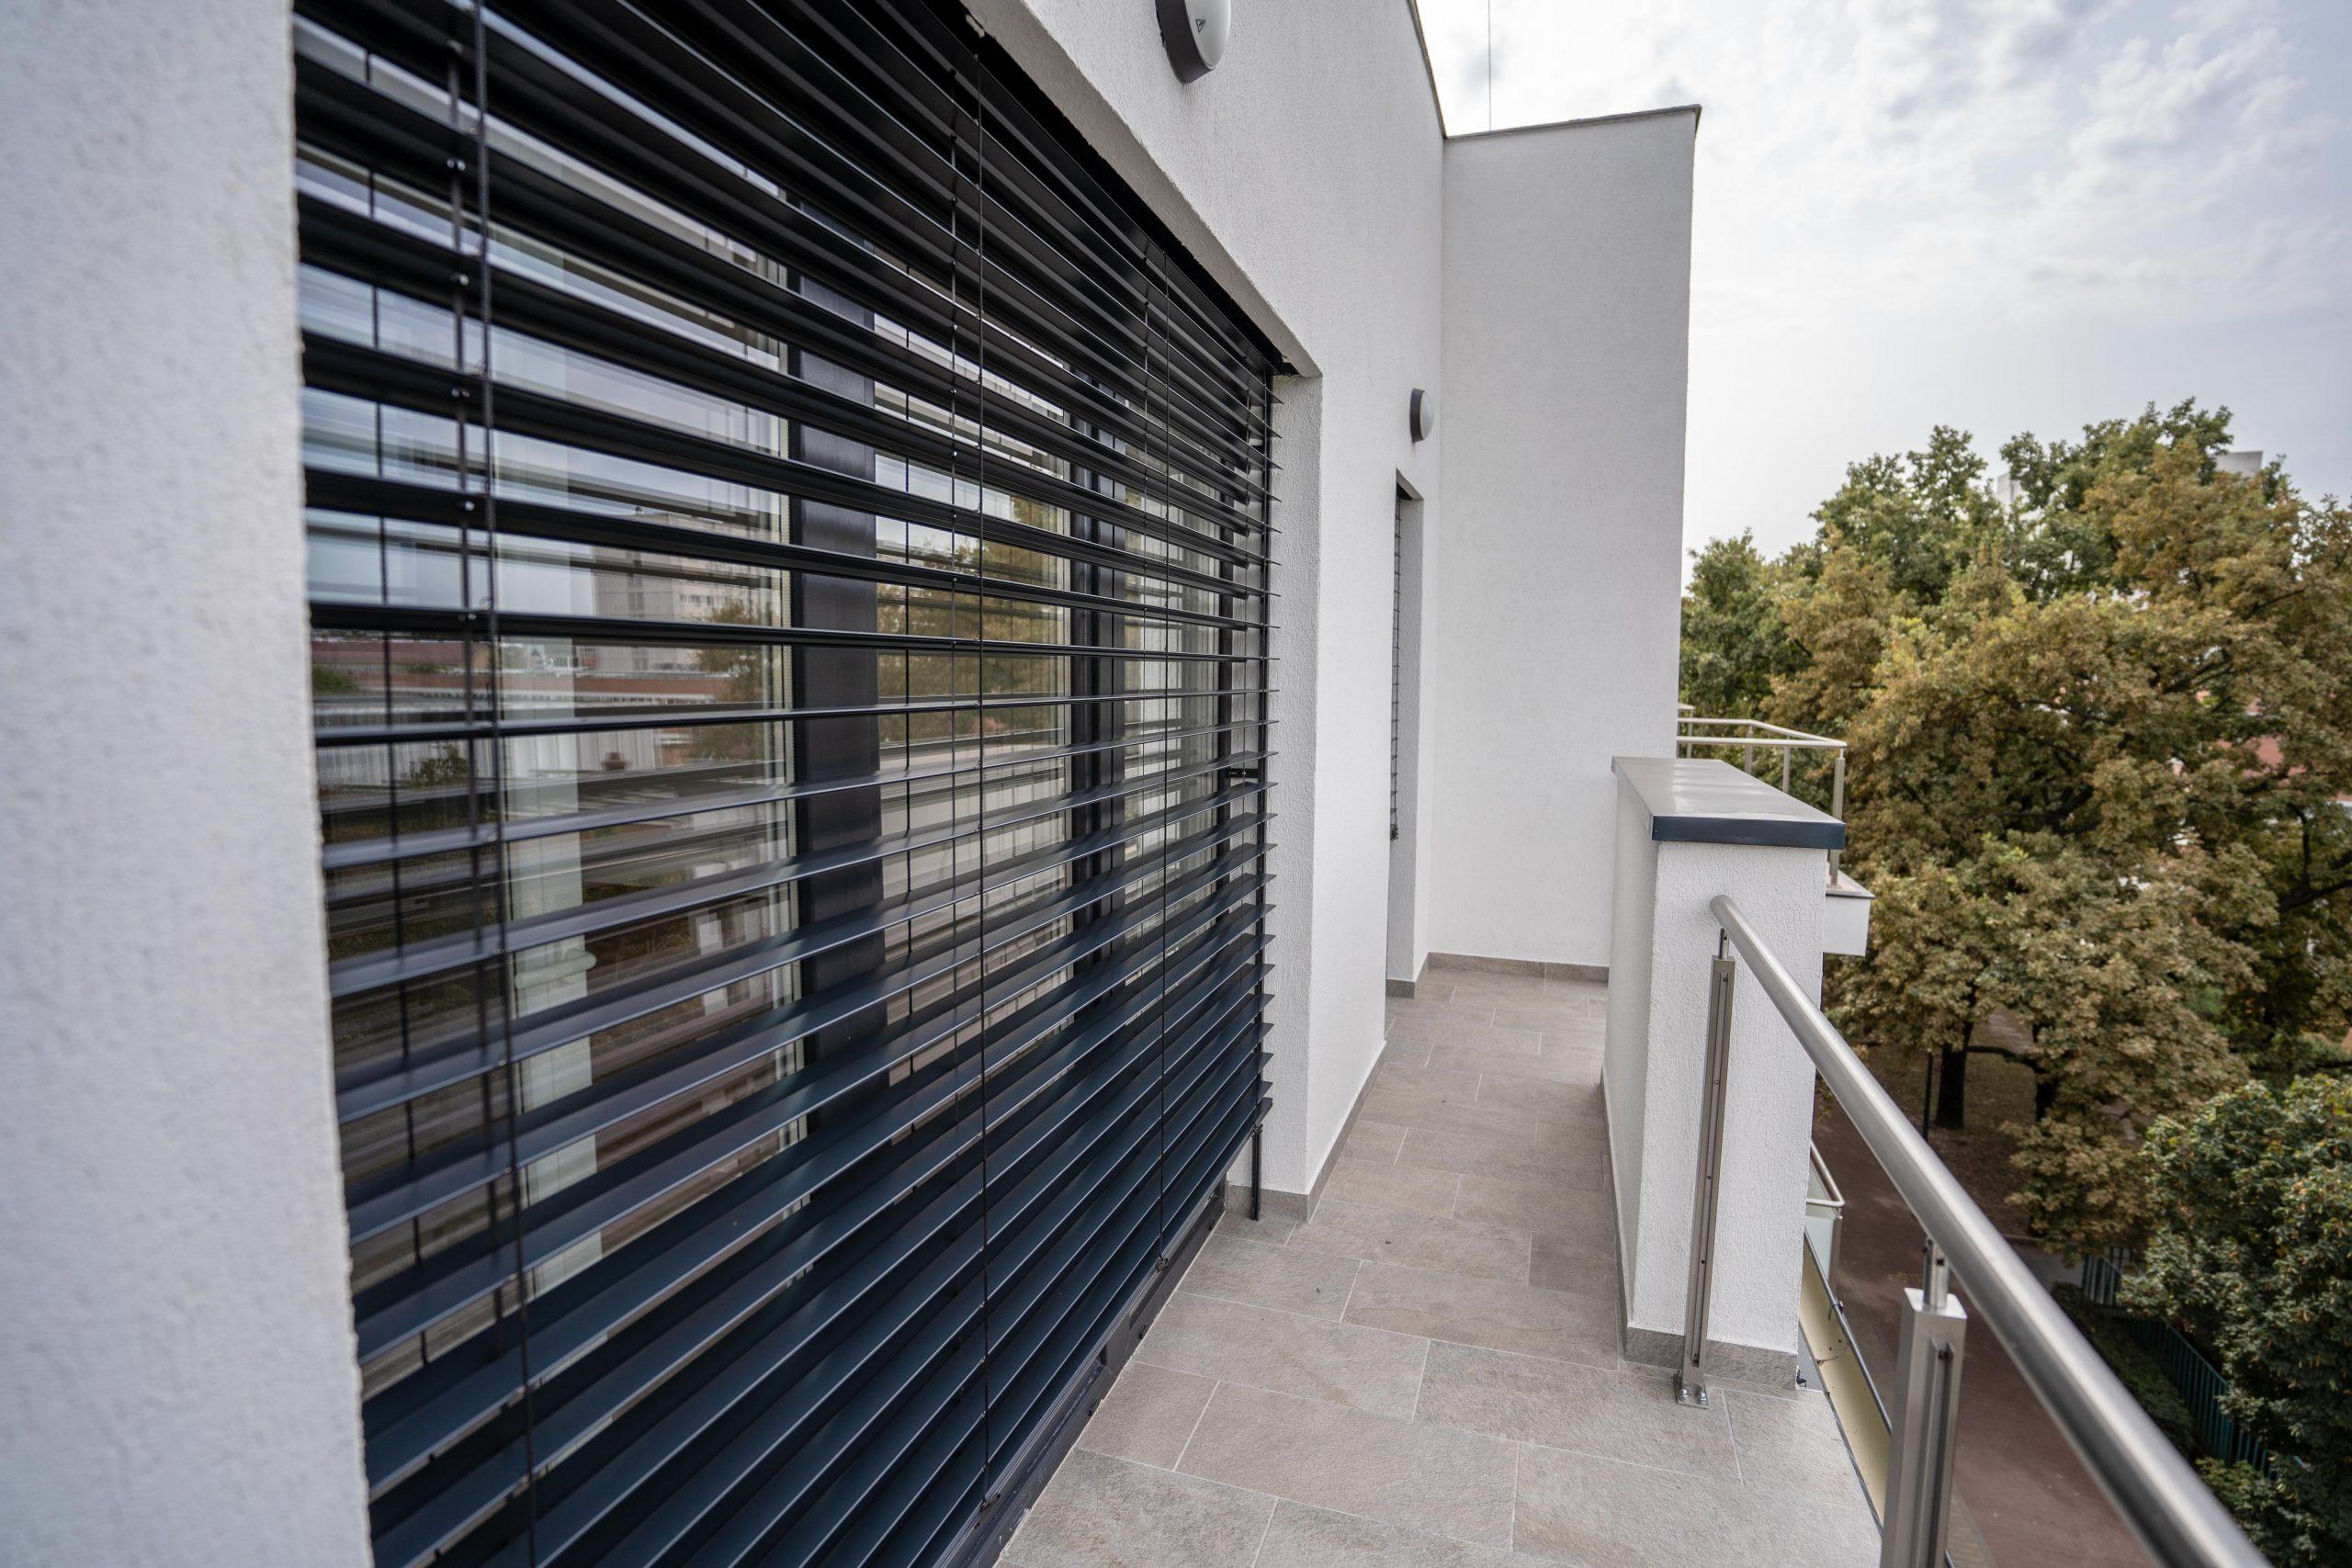 Új építésű, padlófűtéssel ellátott társasházi lakások